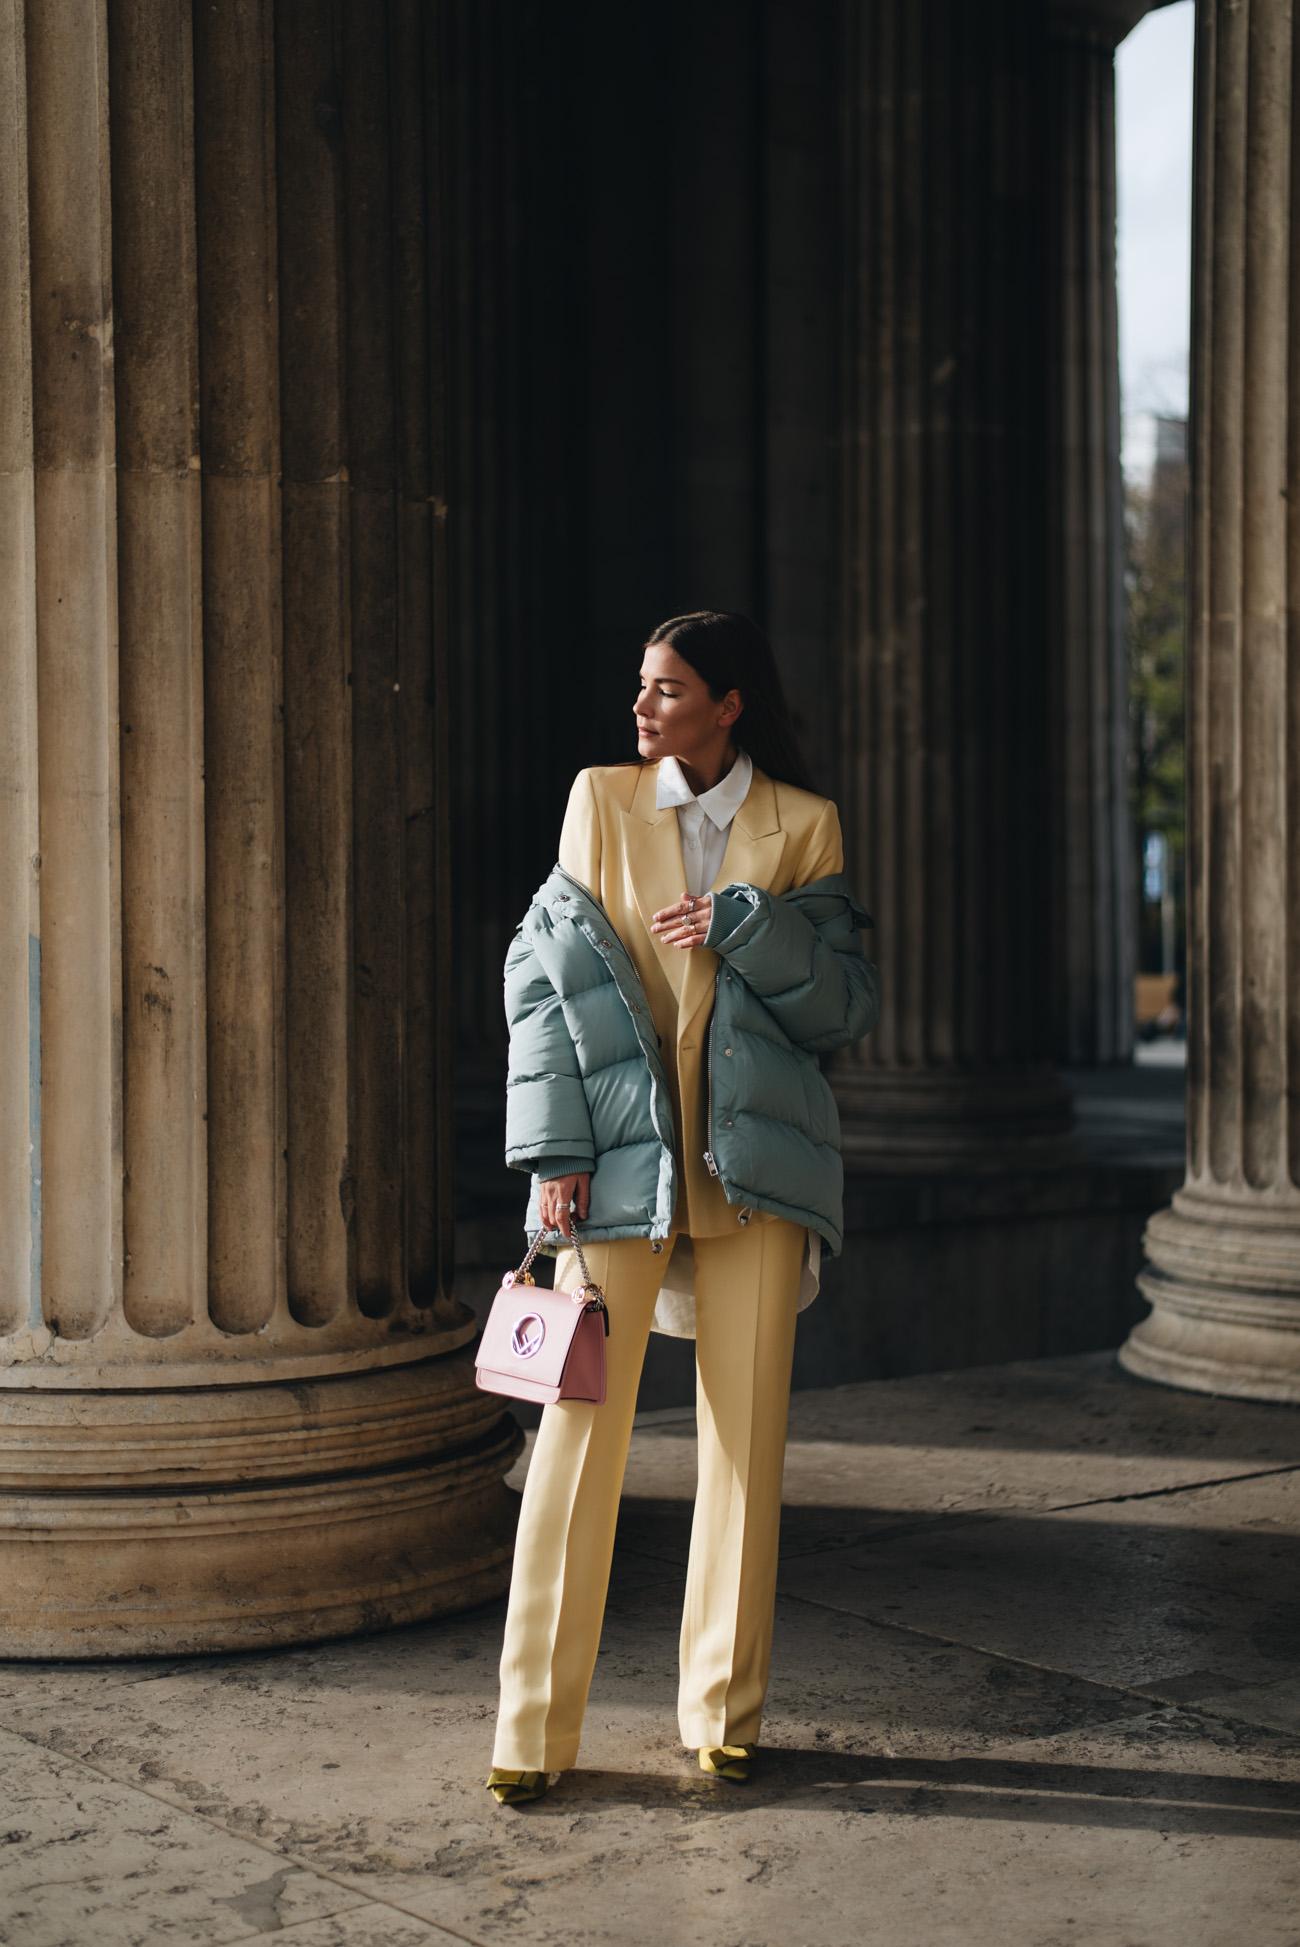 Hosenanzug-im-Alltrag-tragen-modisch-styling-tipps-Fashionblogger-fashion-blog-deutschland-münchen-fashiioncarpet-nina-schwichtenberg.